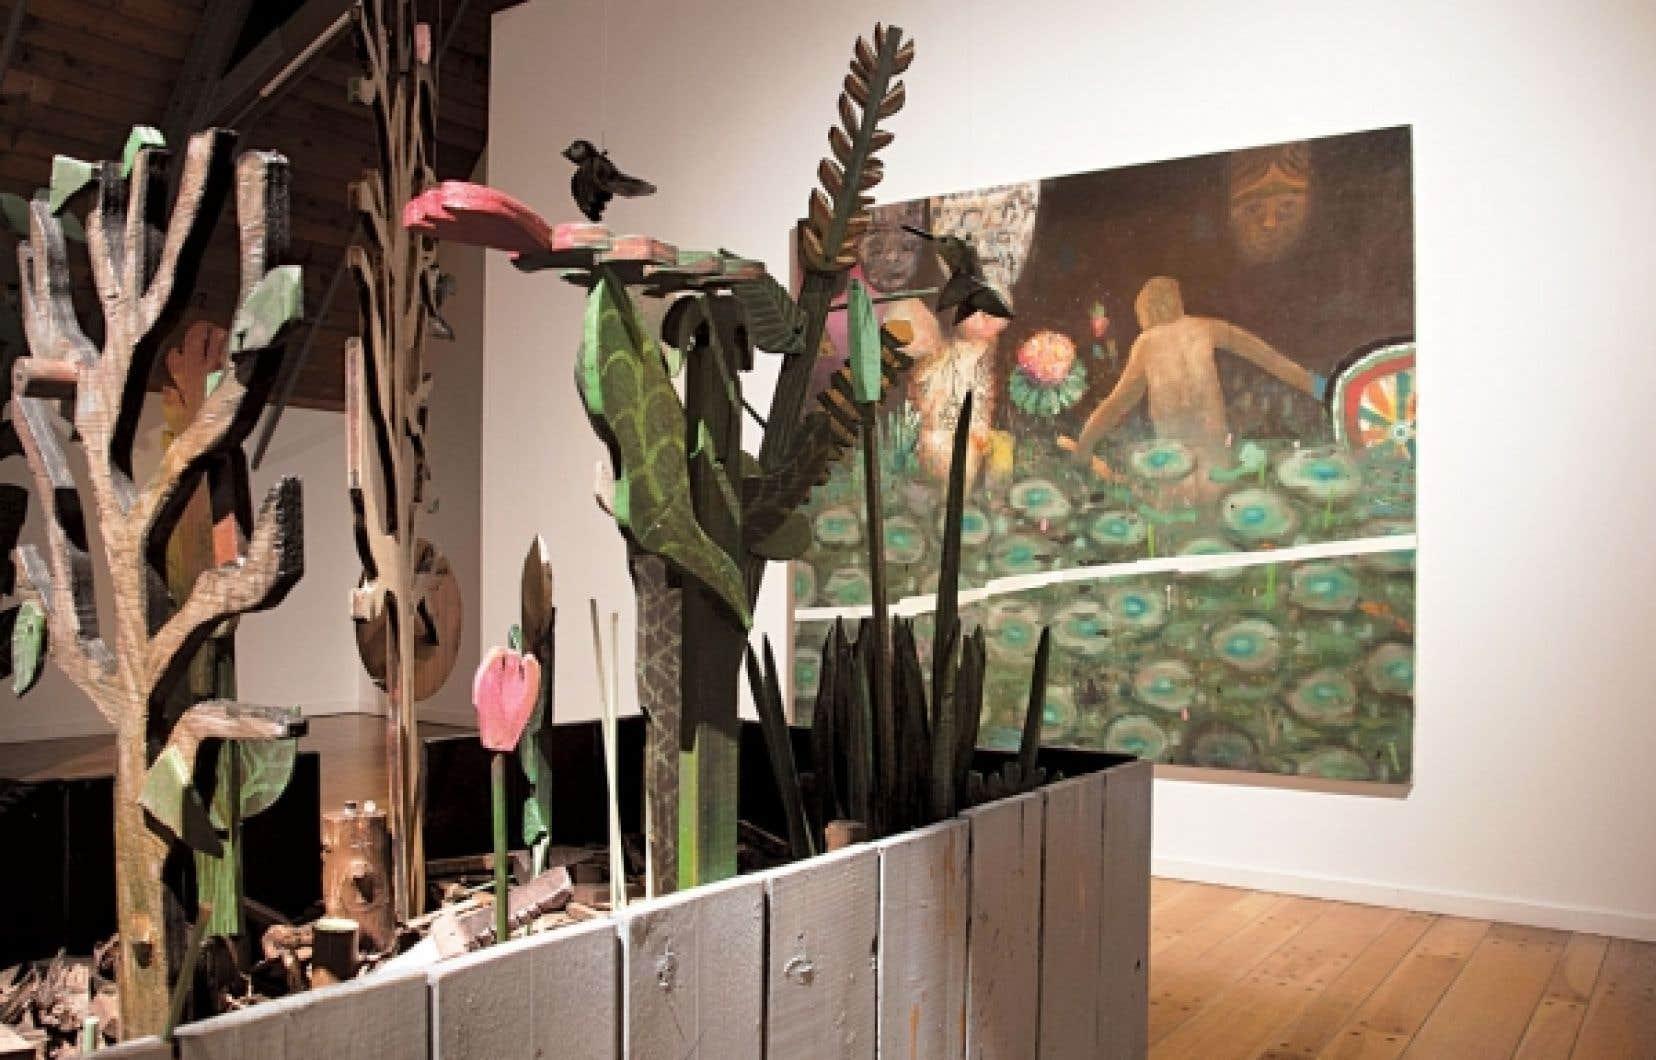 Pour son exposition, l'artiste David Lafrance a déployé son univers foisonnant, enrichi de sculptures et d'éléments sonores où les toiles représentent des paysages luxuriants.